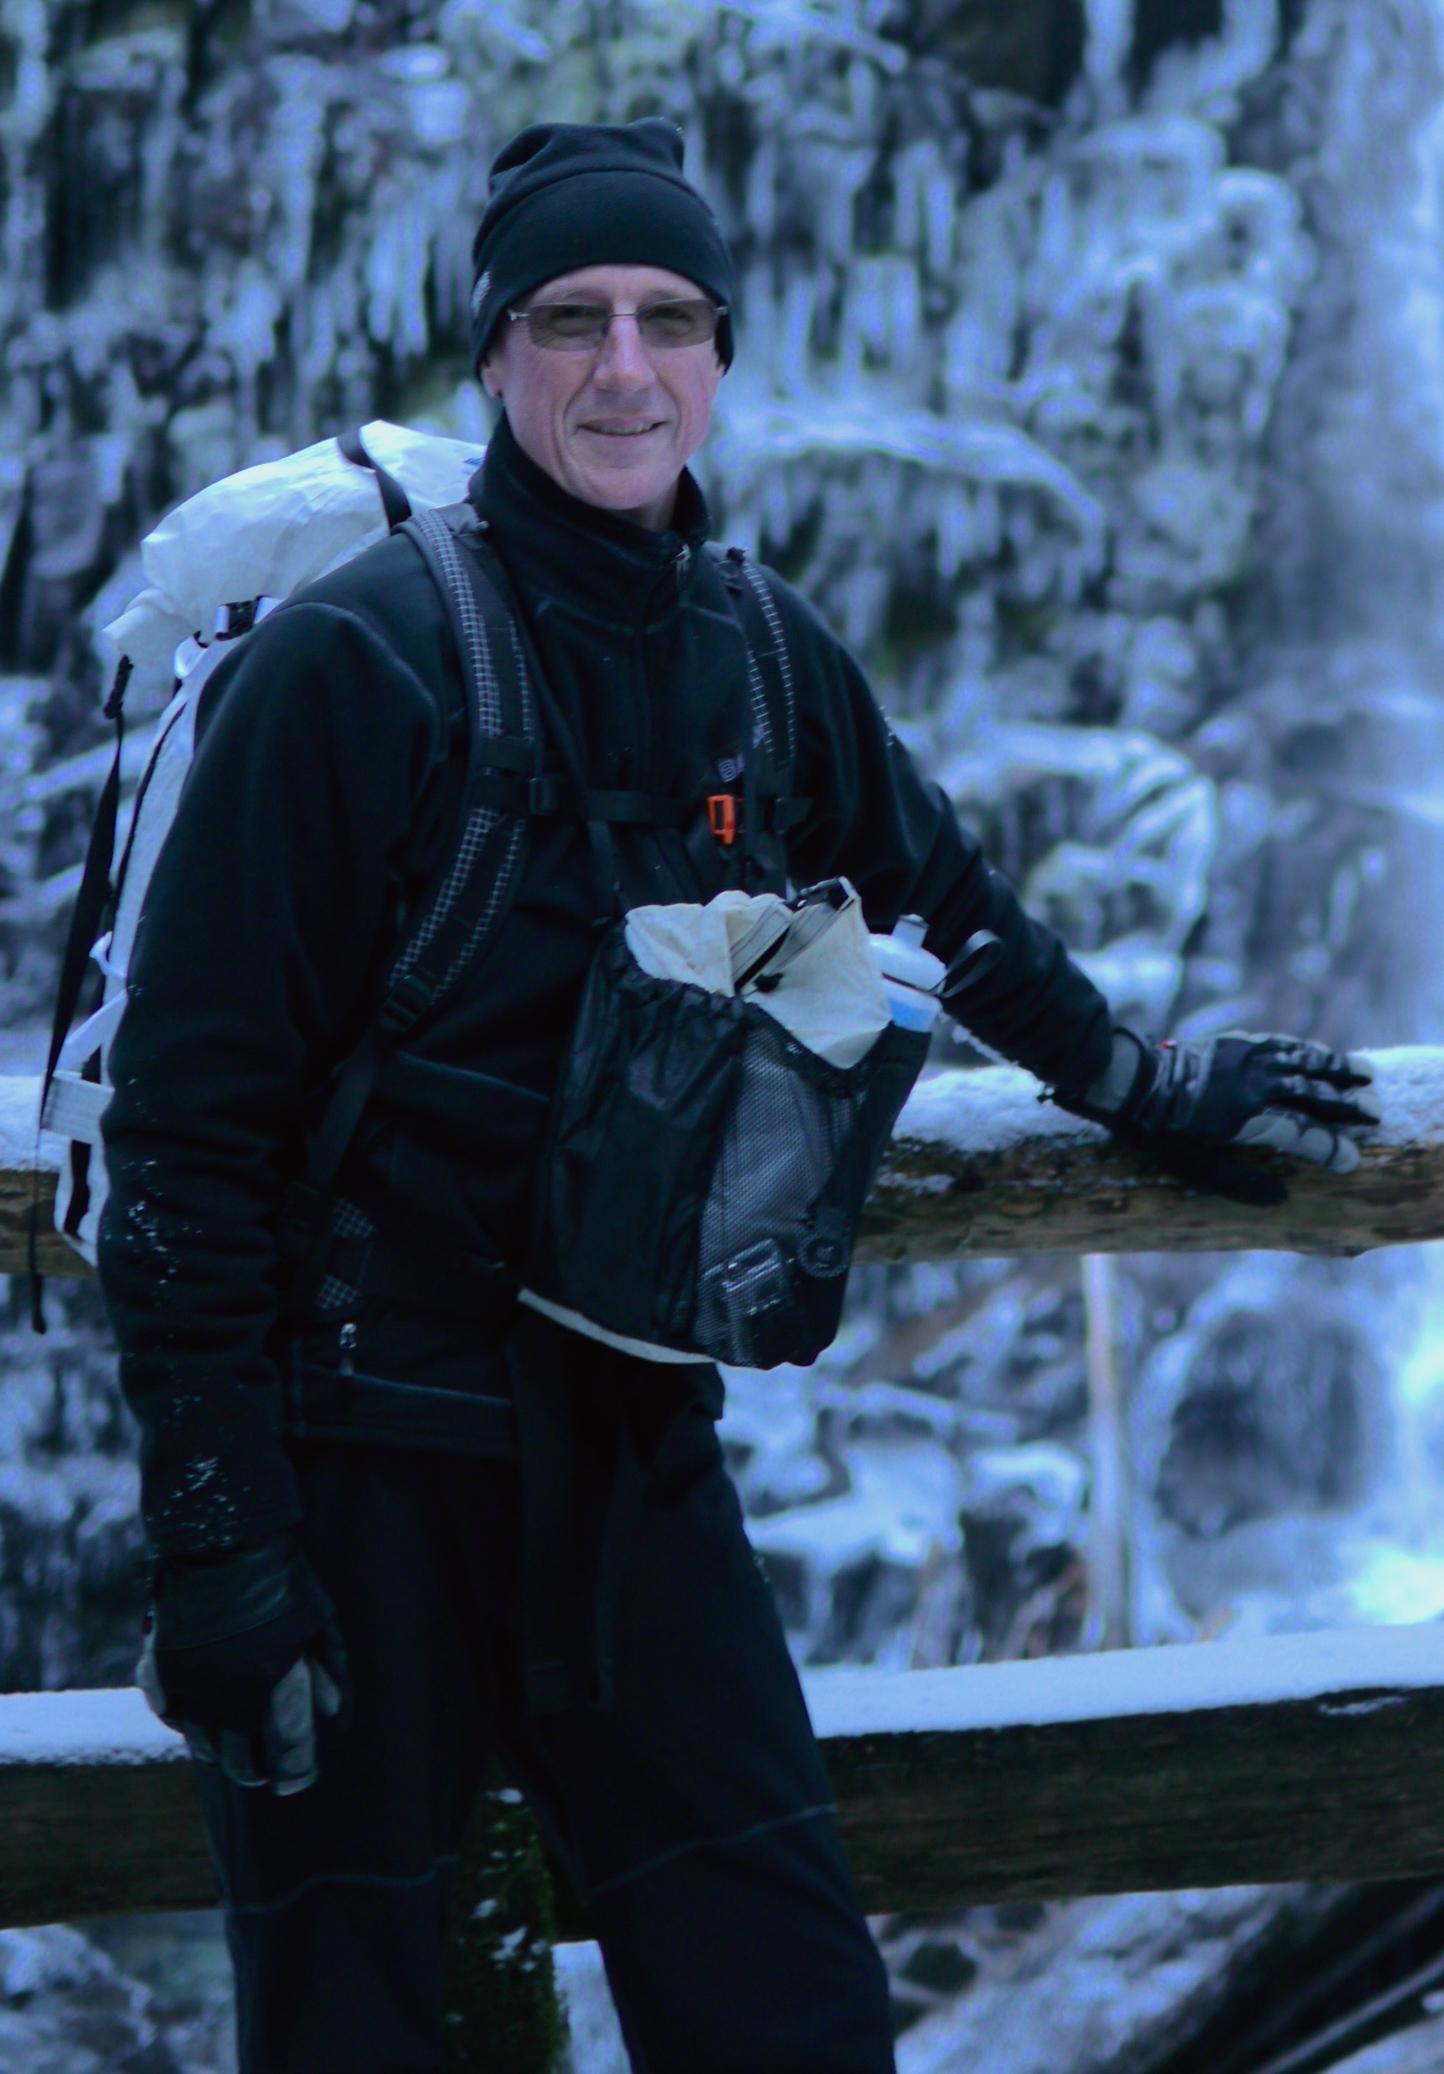 Man in Black: Helios RA fleece/Brokk pants/Aether base layers